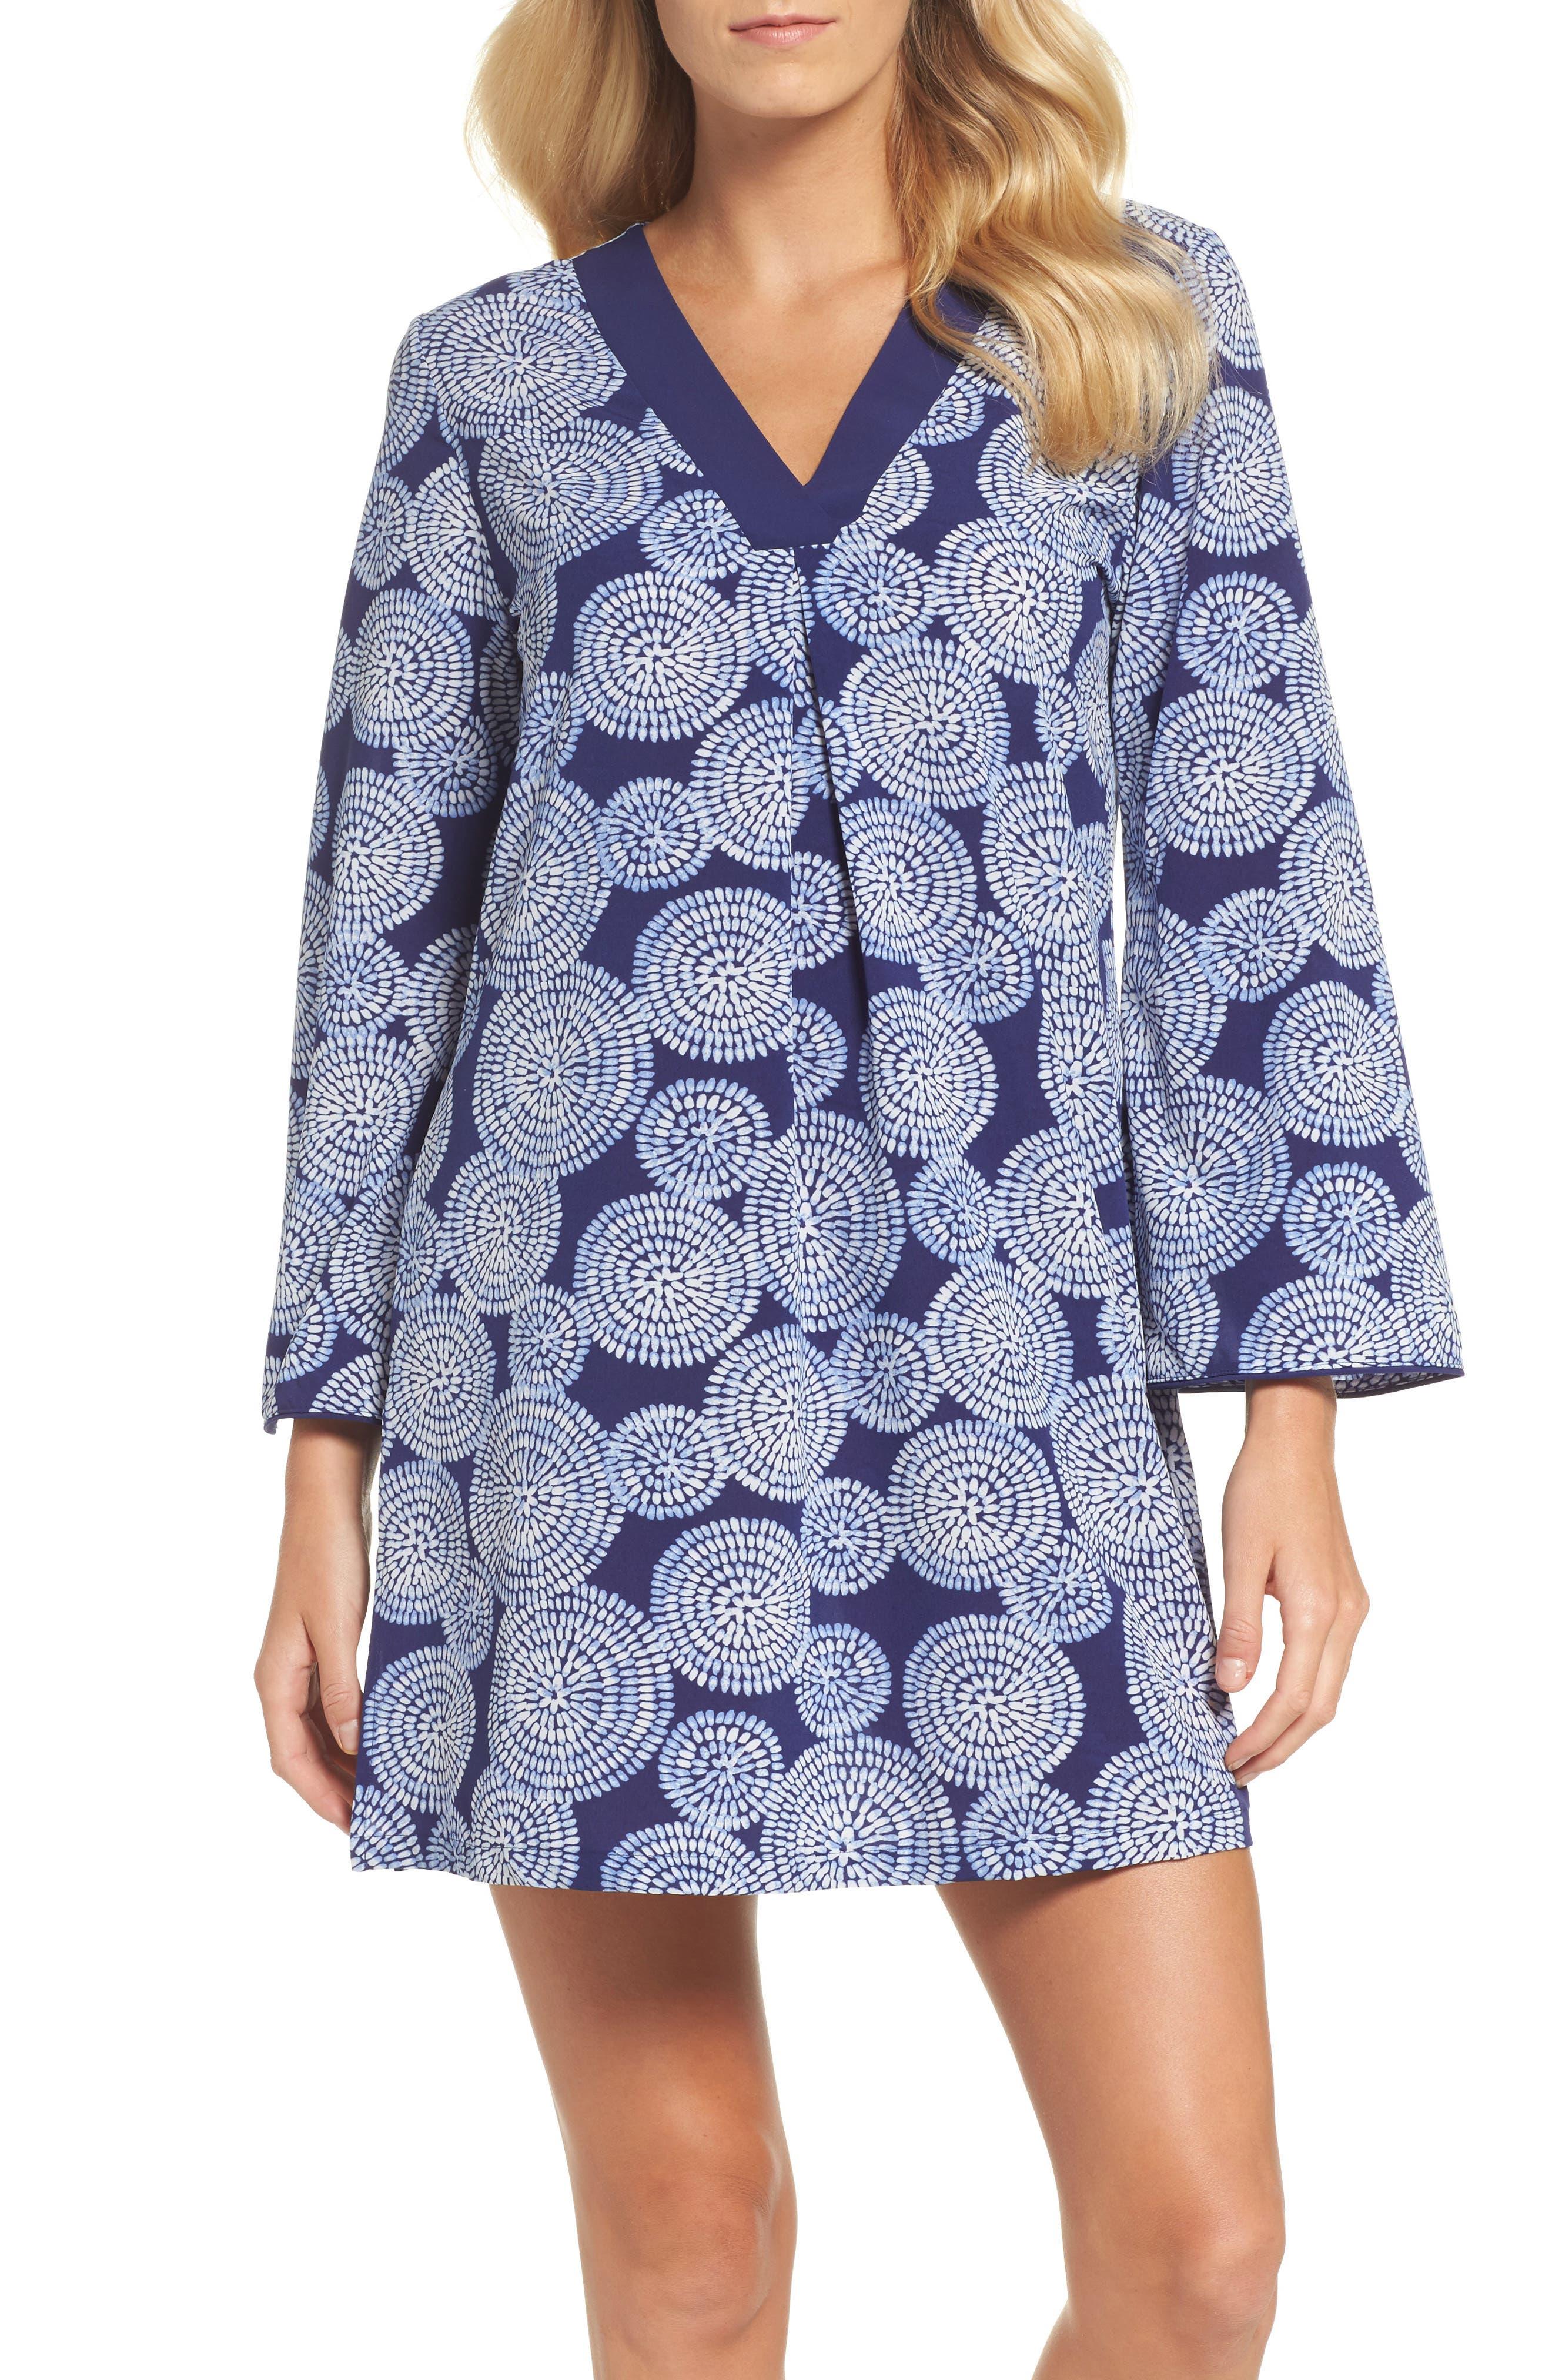 Oscar de la Renta Sleepwear Halftan Short Nightgown